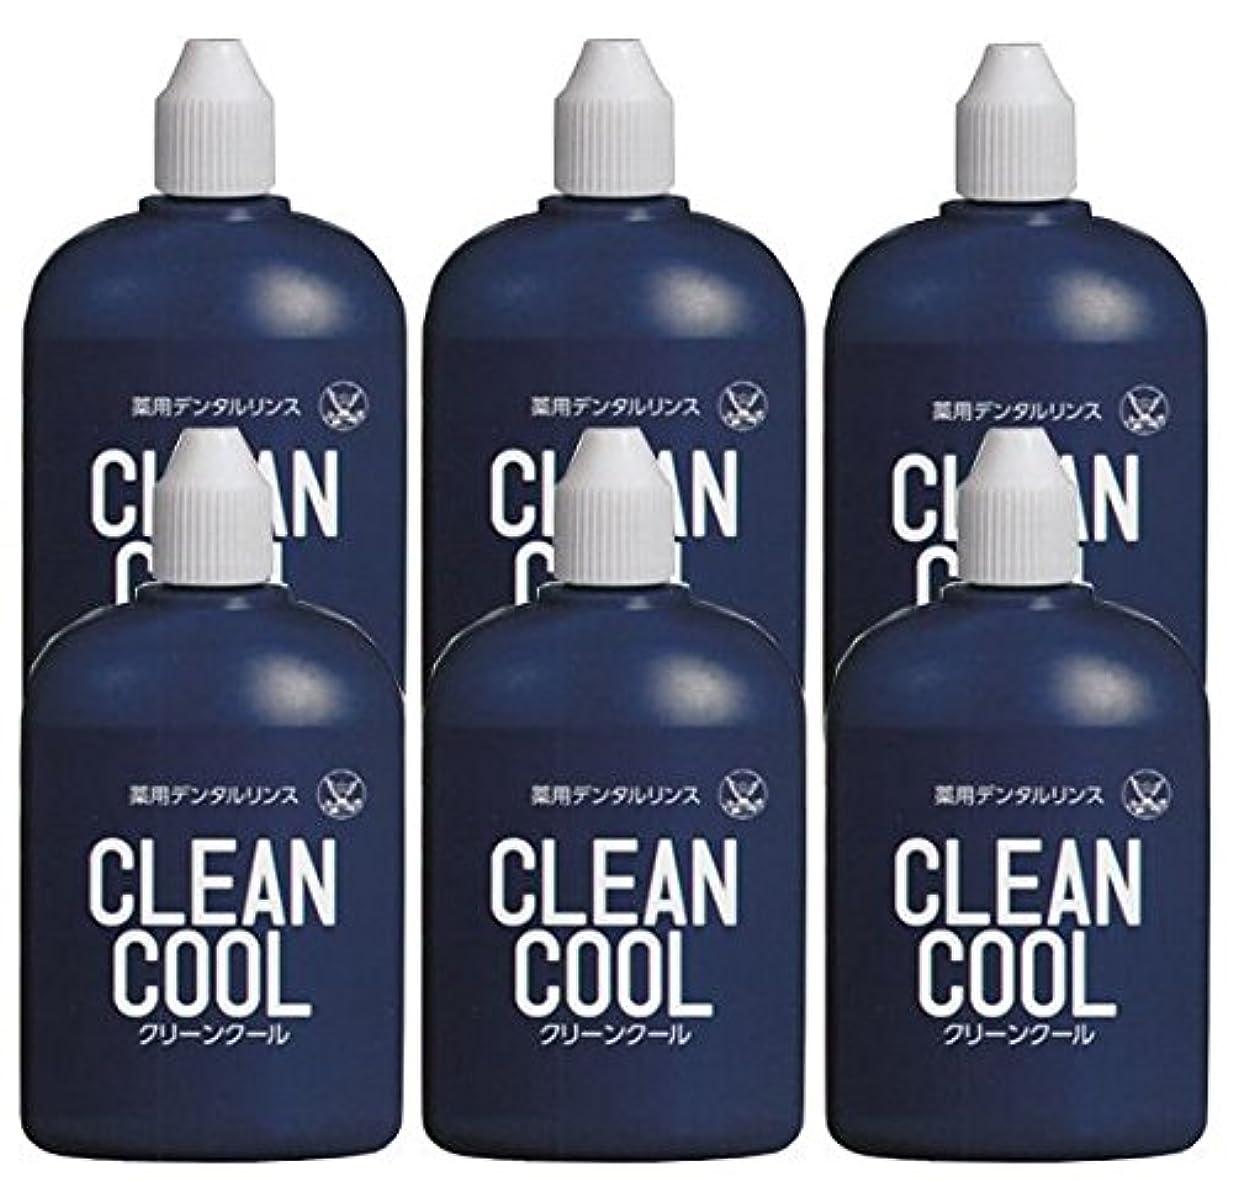 ブロックするバズシマウマ薬用デンタルリンス クリーンクール (CLEAN COOL) 洗口液 100ml × 6個